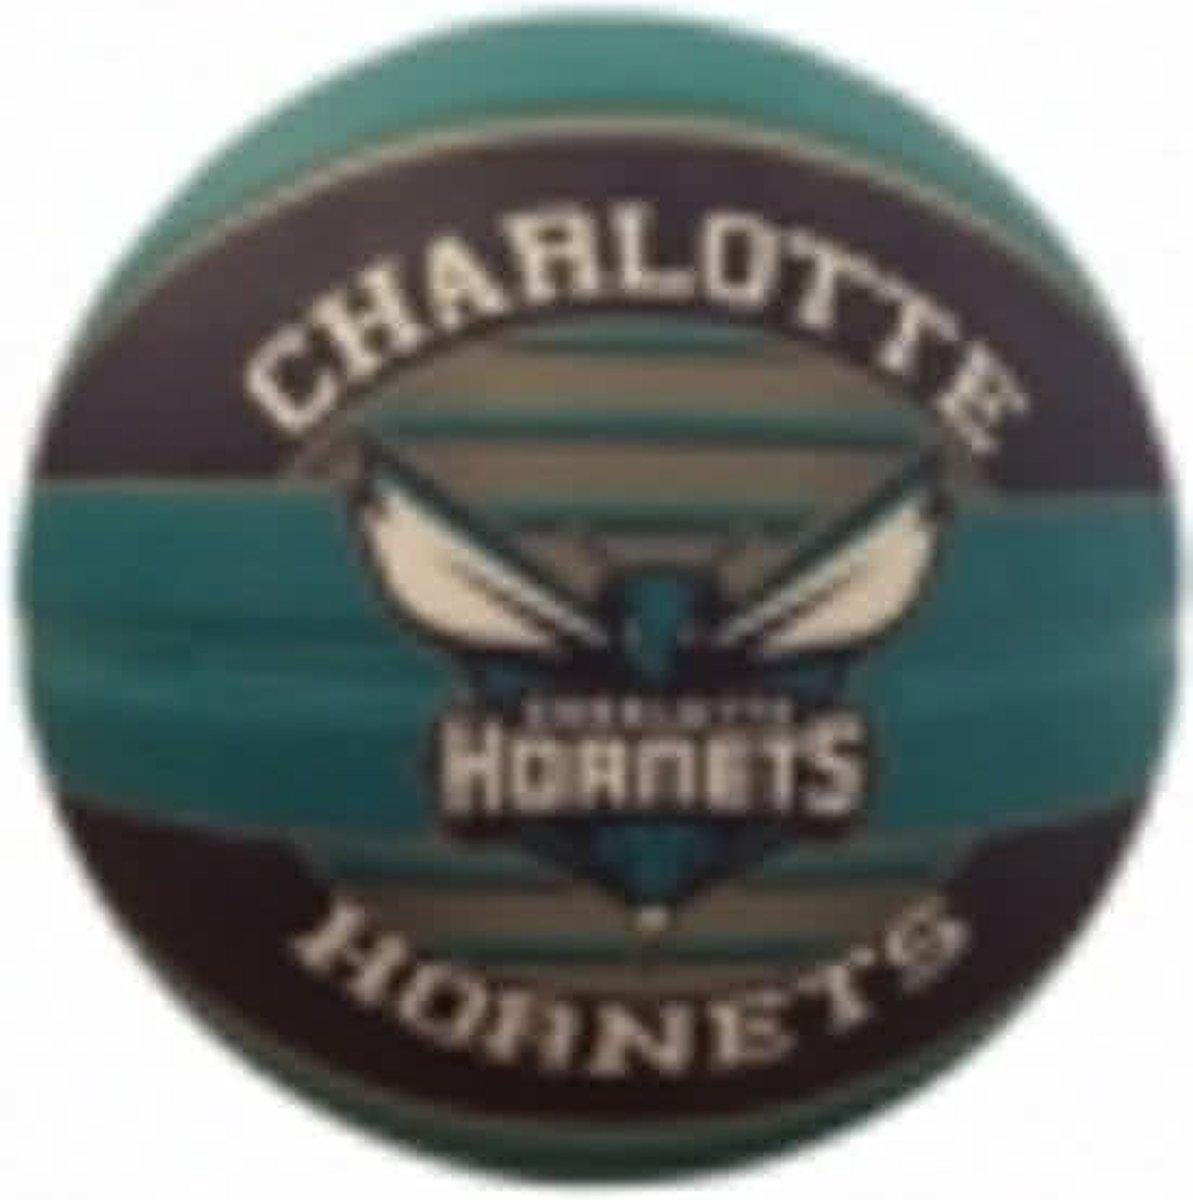 Spalding basketbal Charlotte Hornets maat 7